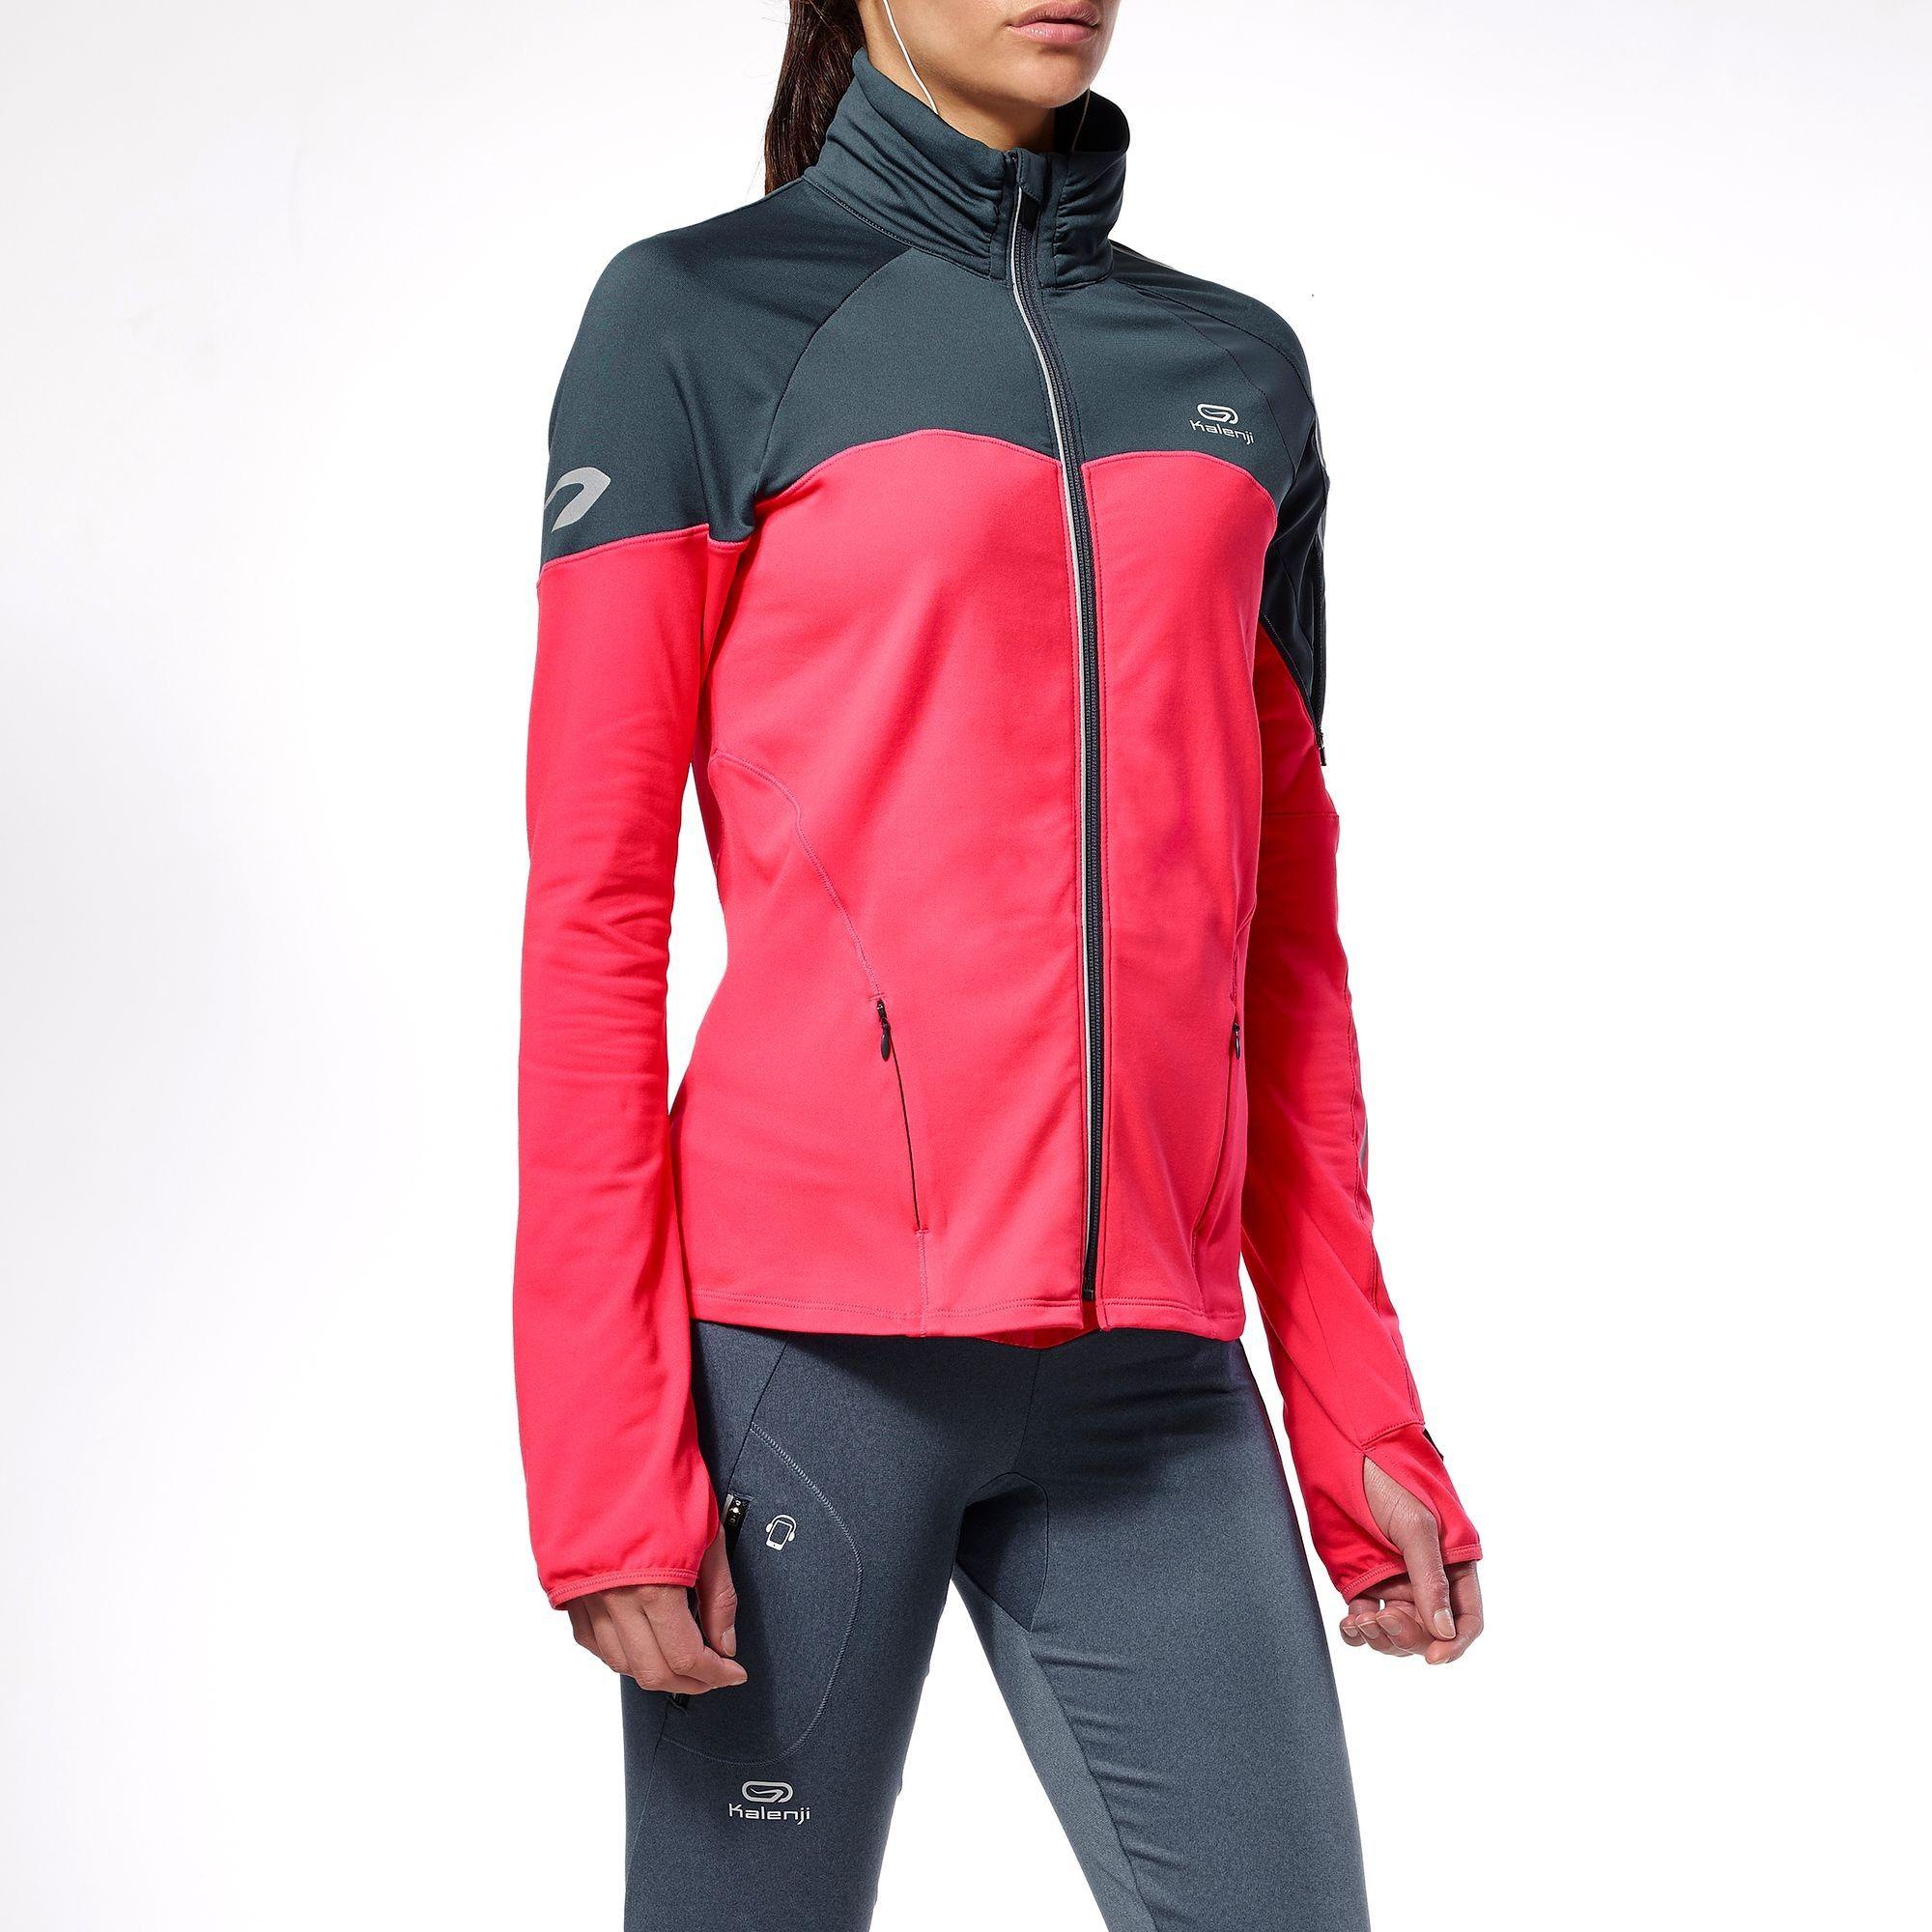 classique chic photos officielles esthétique de luxe Economisez 3% sur votre équipement de running hiver ...